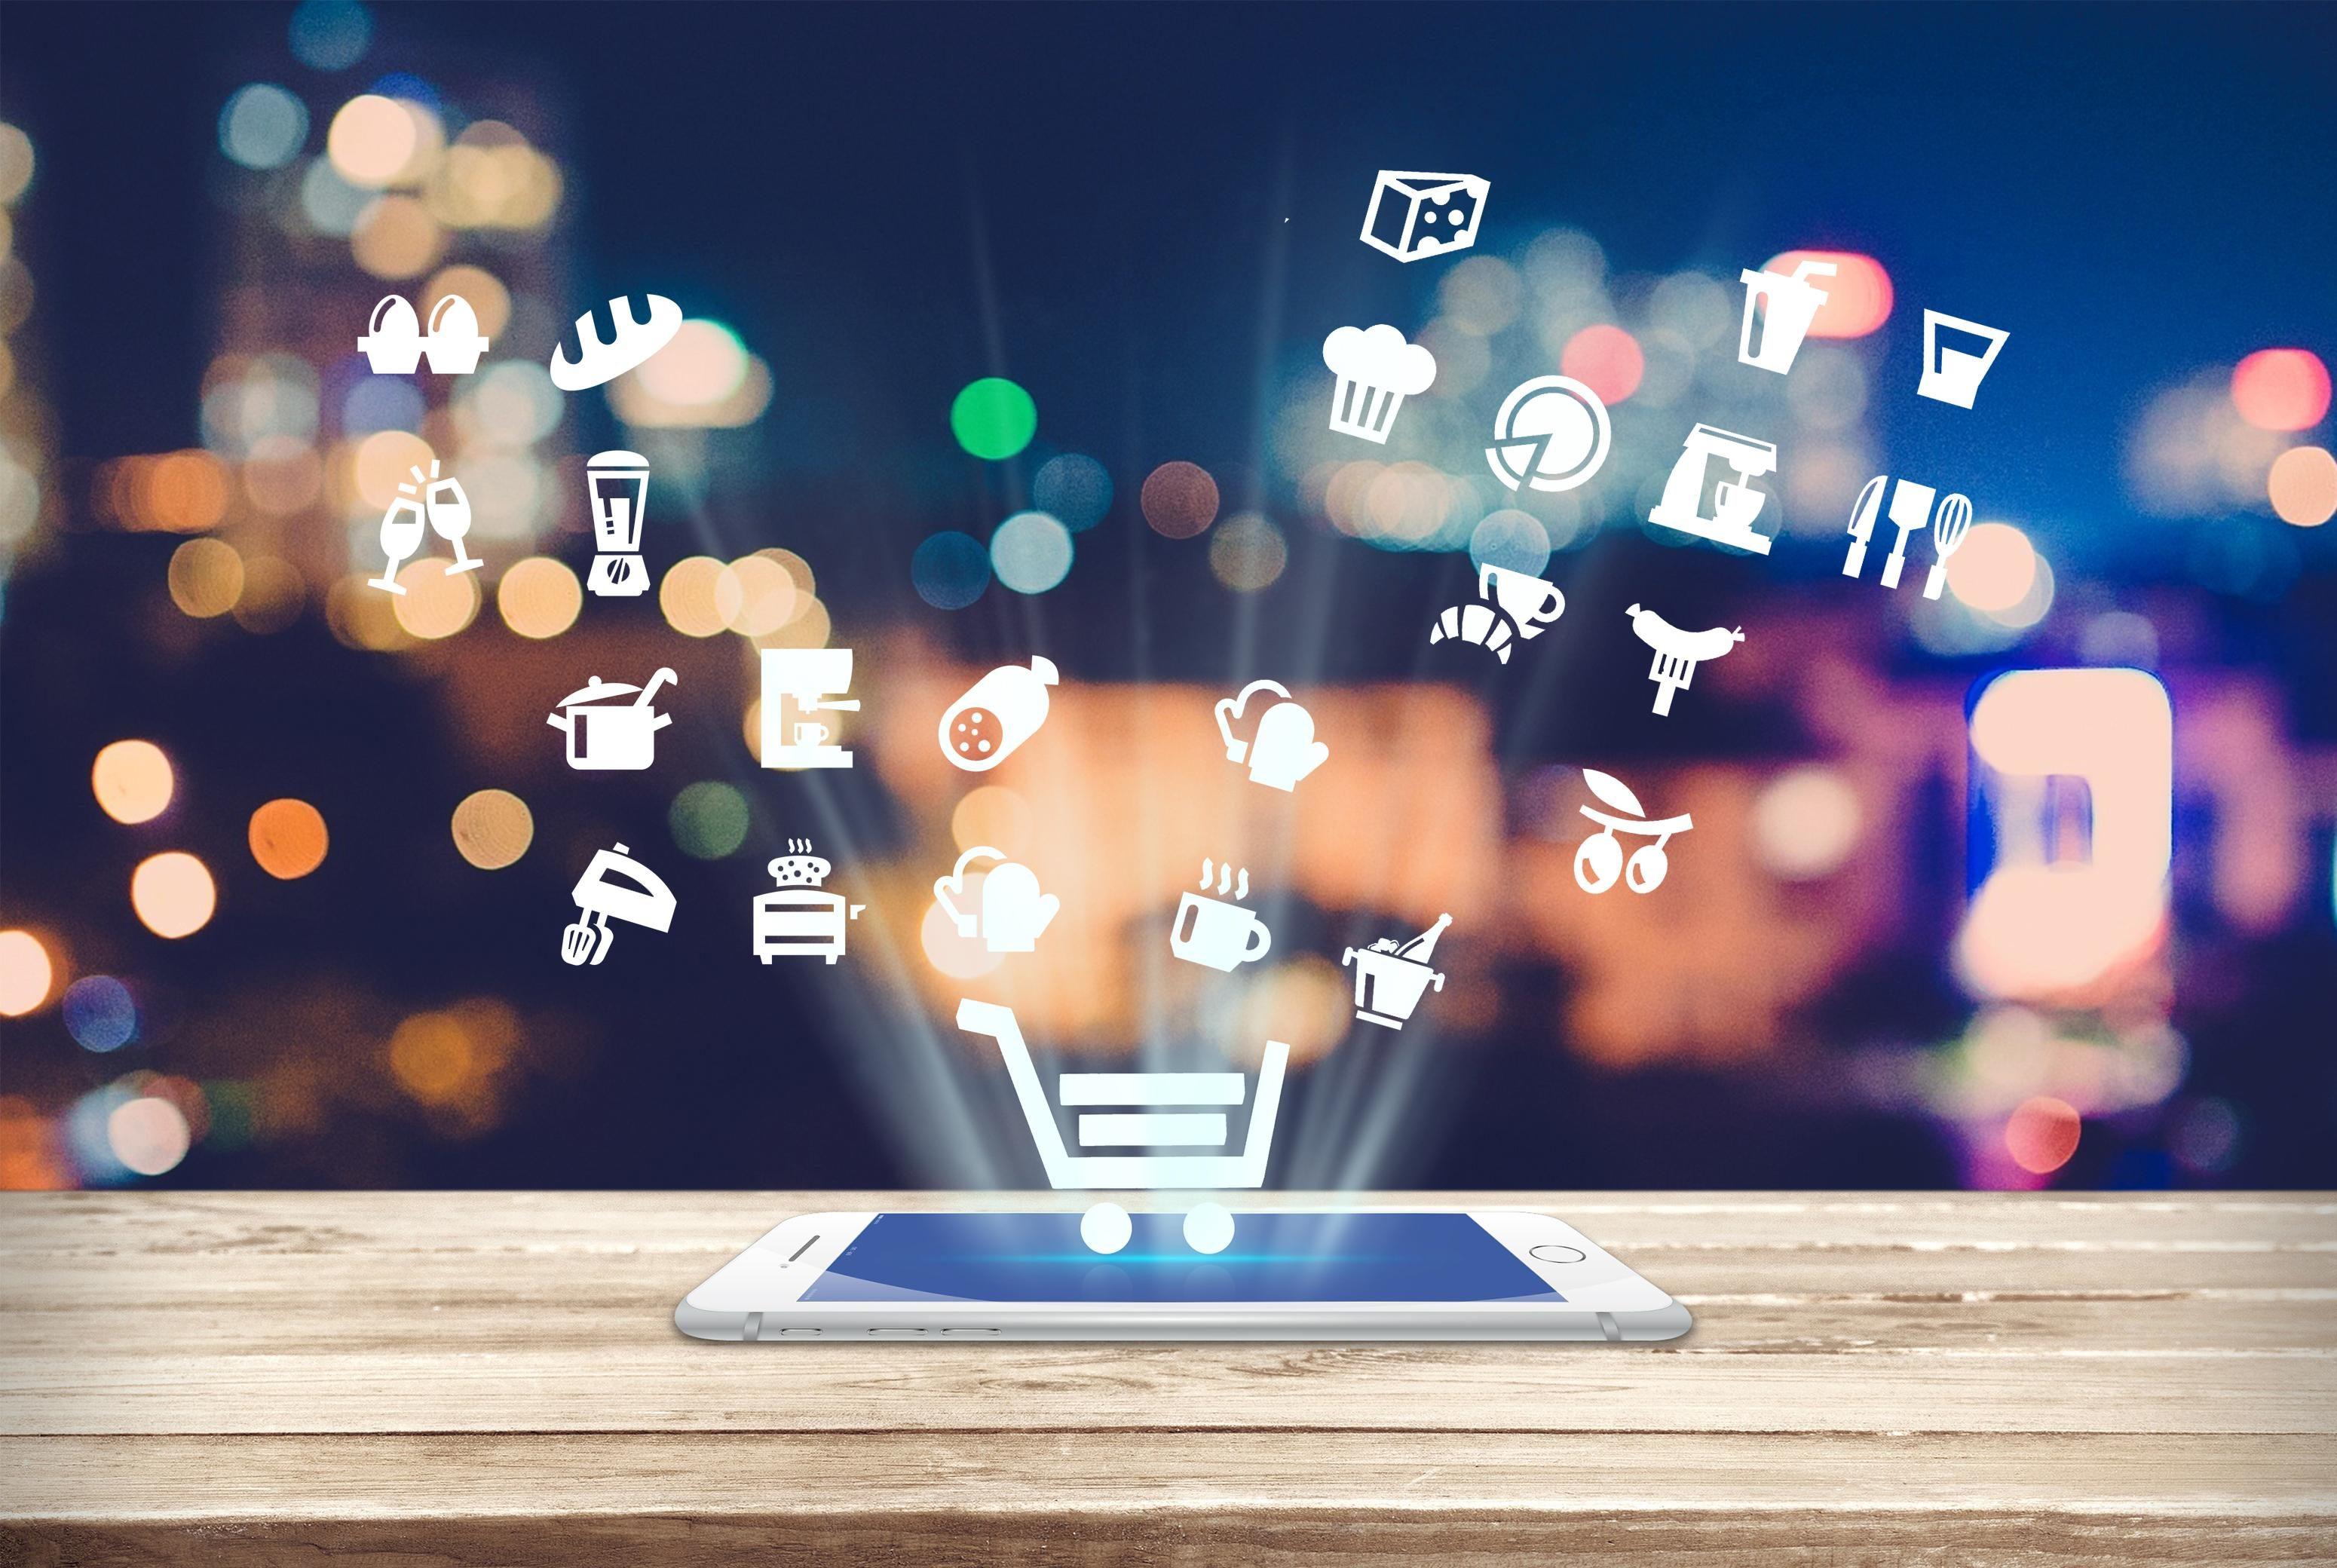 互融云 区块链技术新应用:产品溯源,全力助推实体经济新发展!